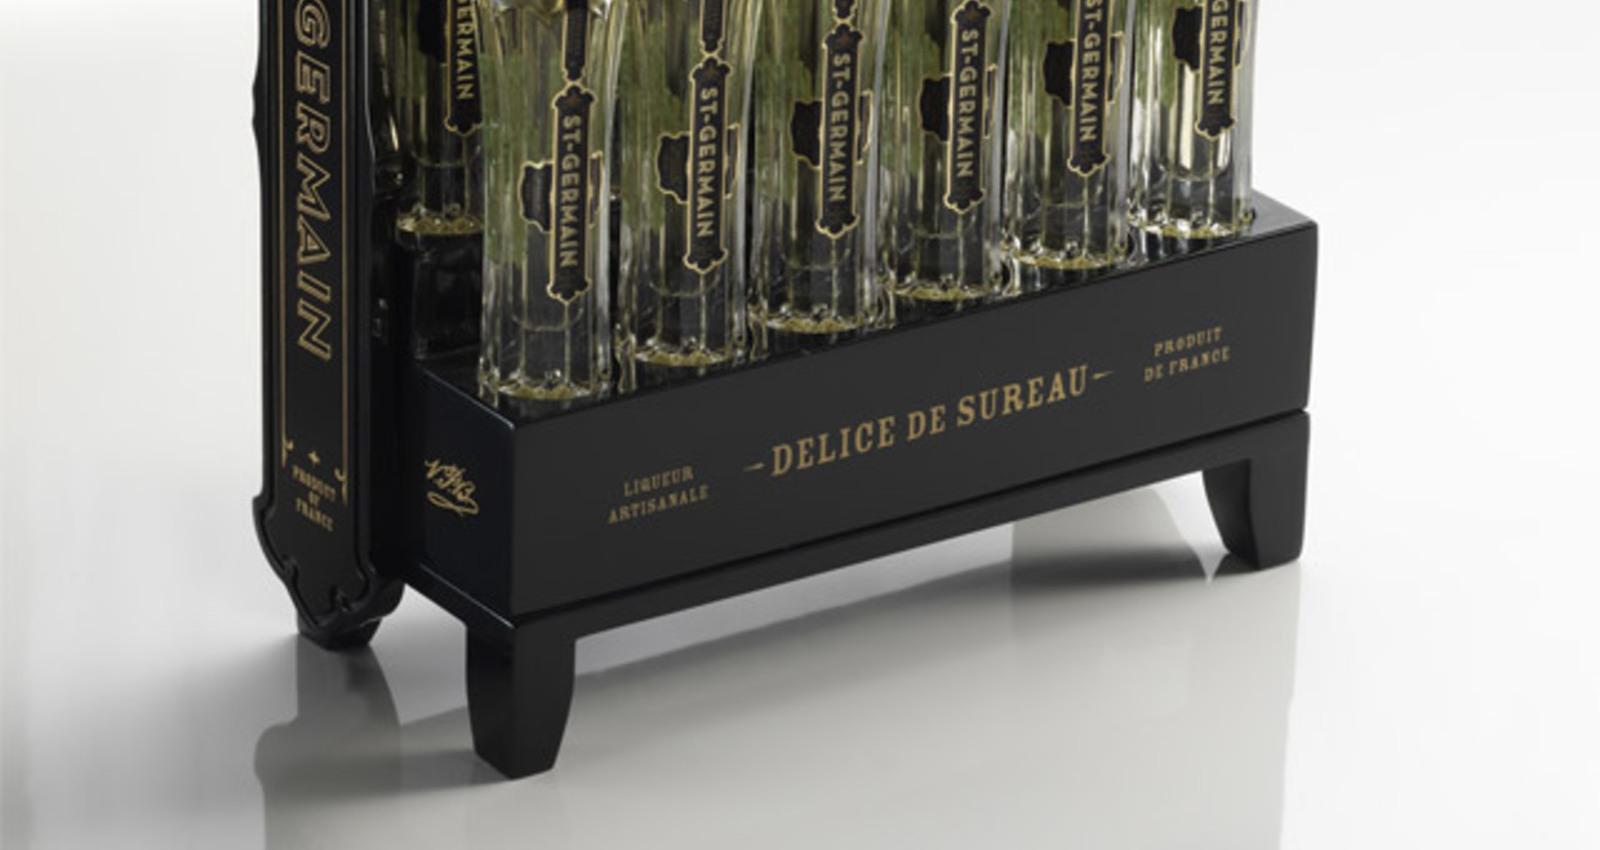 St-Germain 50ml Display